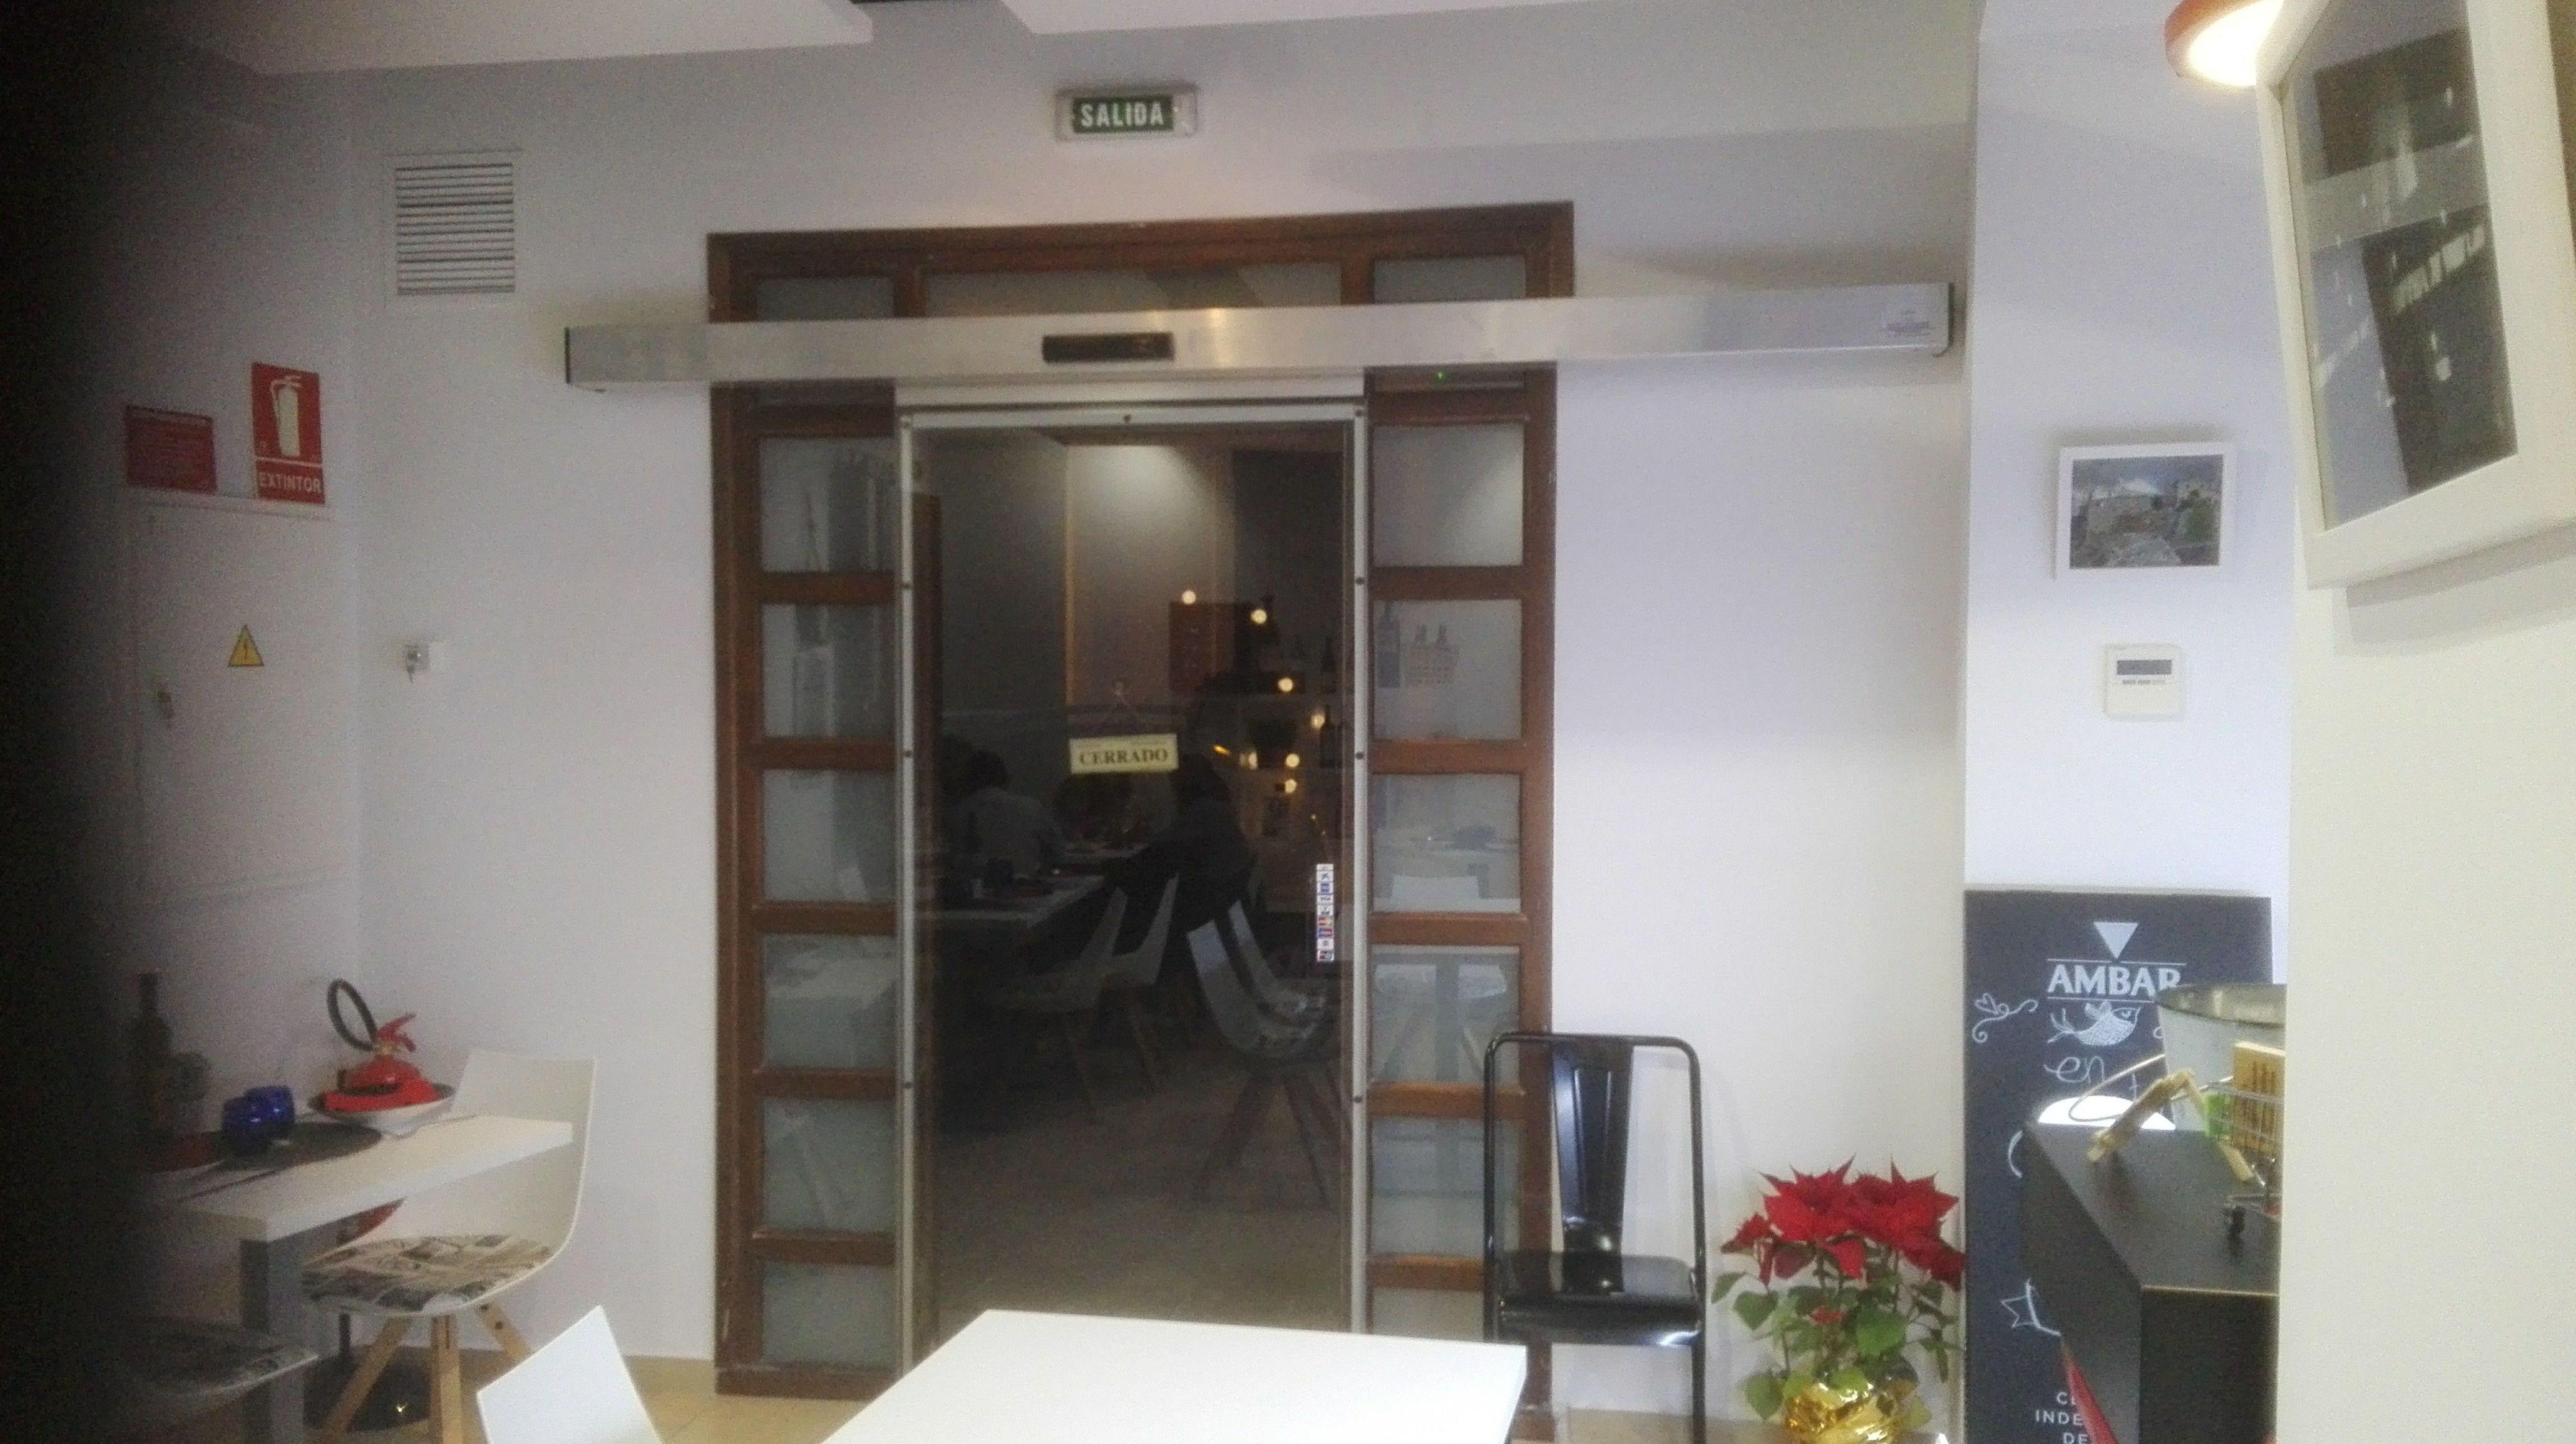 Puertas Correderas Madera Y Cristal Interesting Awesome Negro  ~ Puerta Corredera Cristal Precio